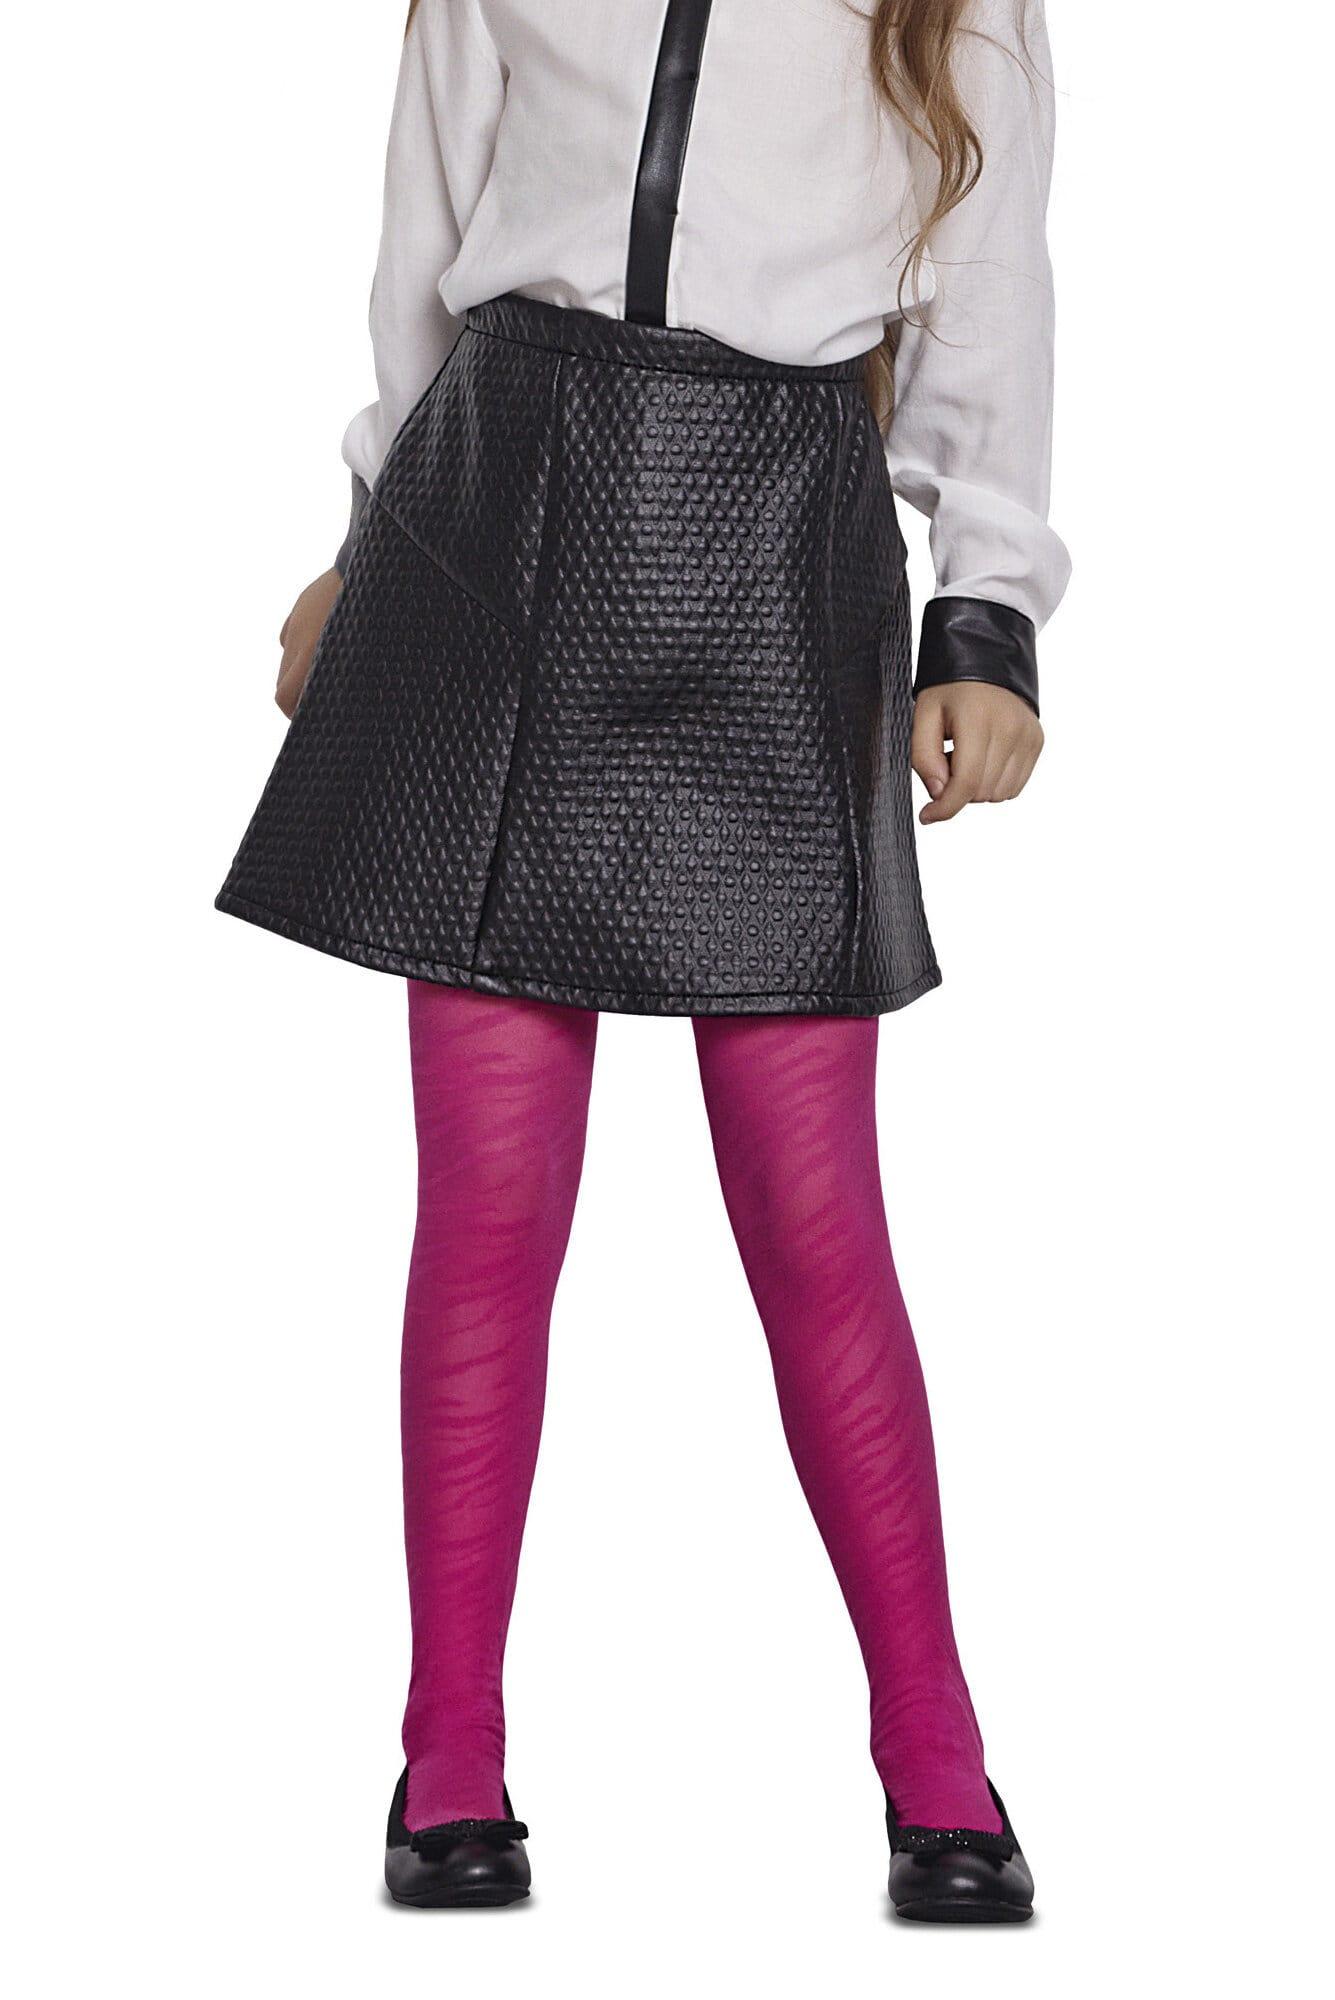 پنتی | Penti - جوراب شلواری طرحدار دخترانه پنتی Lucy سفید